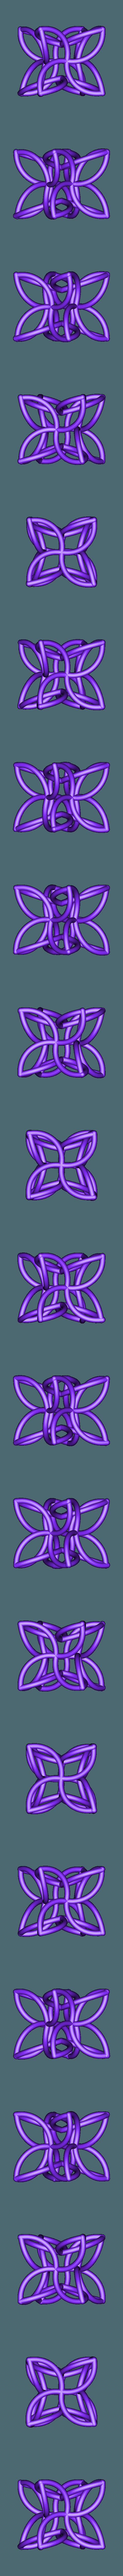 A4_10.stl Télécharger fichier STL gratuit Cellules de l'unité auxiliaire • Objet imprimable en 3D, sjpiper145